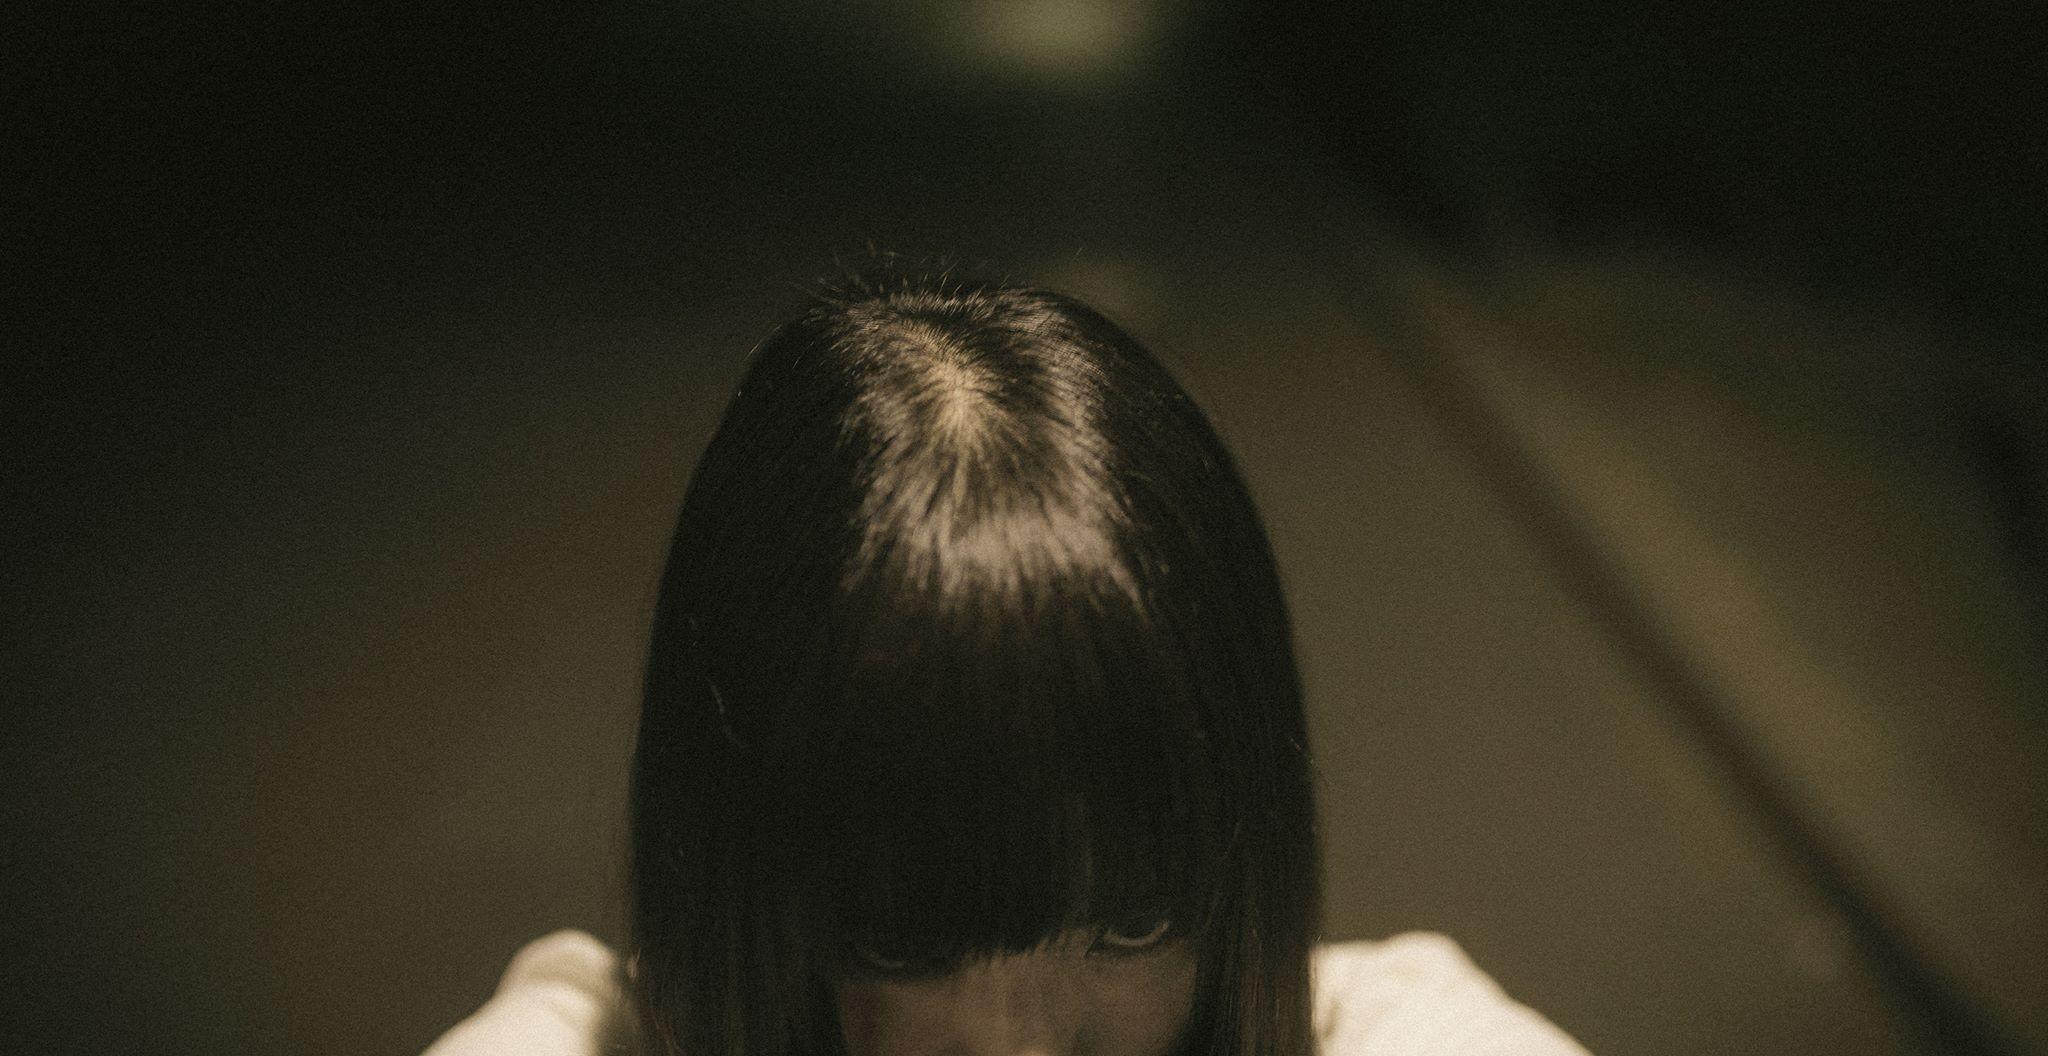 ▲▼夜歸,晚歸,靈異,鬧鬼,撞鬼,女鬼。(圖/取自pakutaso)